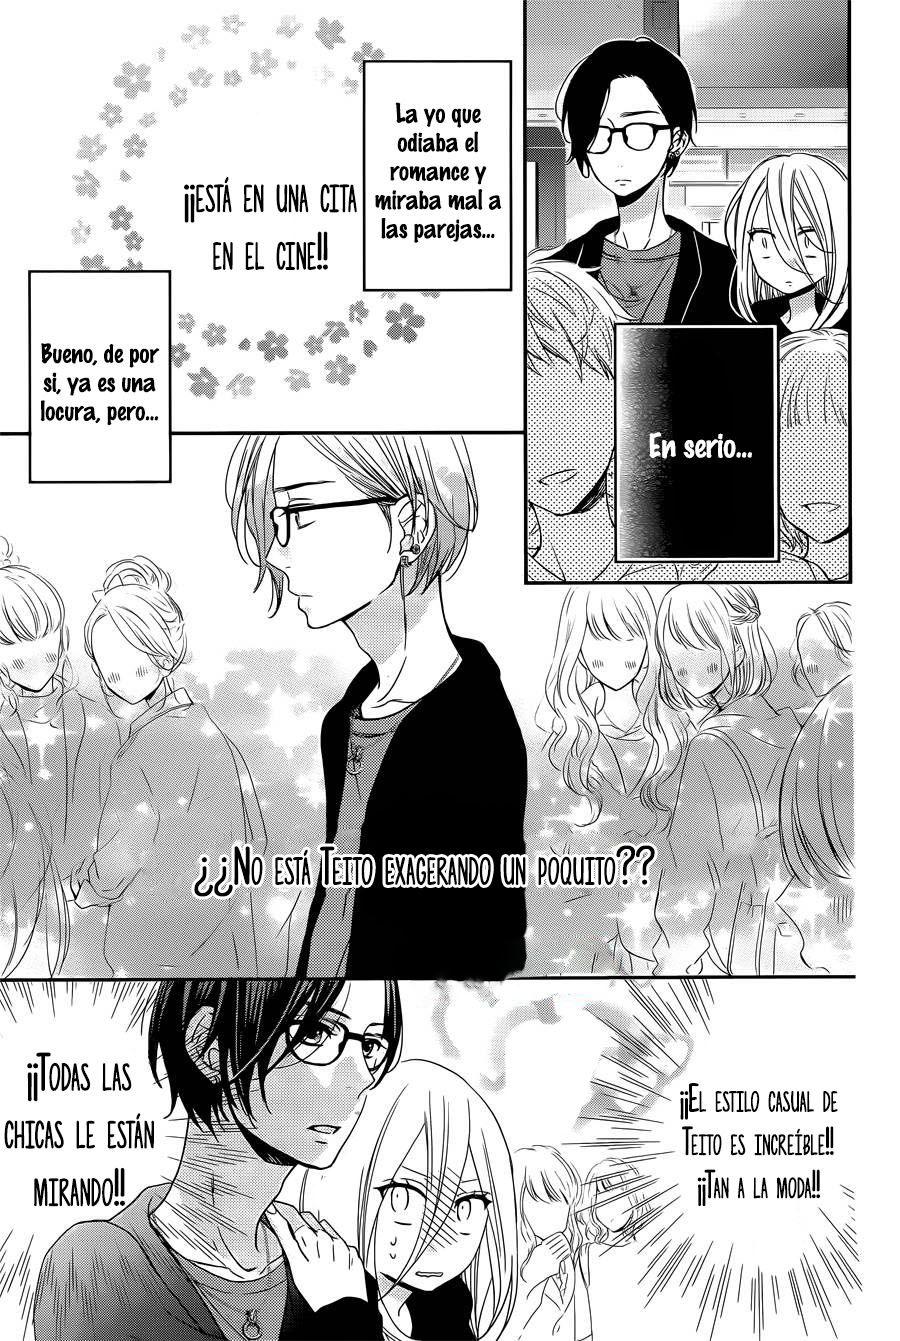 http://c5.ninemanga.com/es_manga/19/19347/473496/d788f959eb794f7827bb785fae632558.jpg Page 4